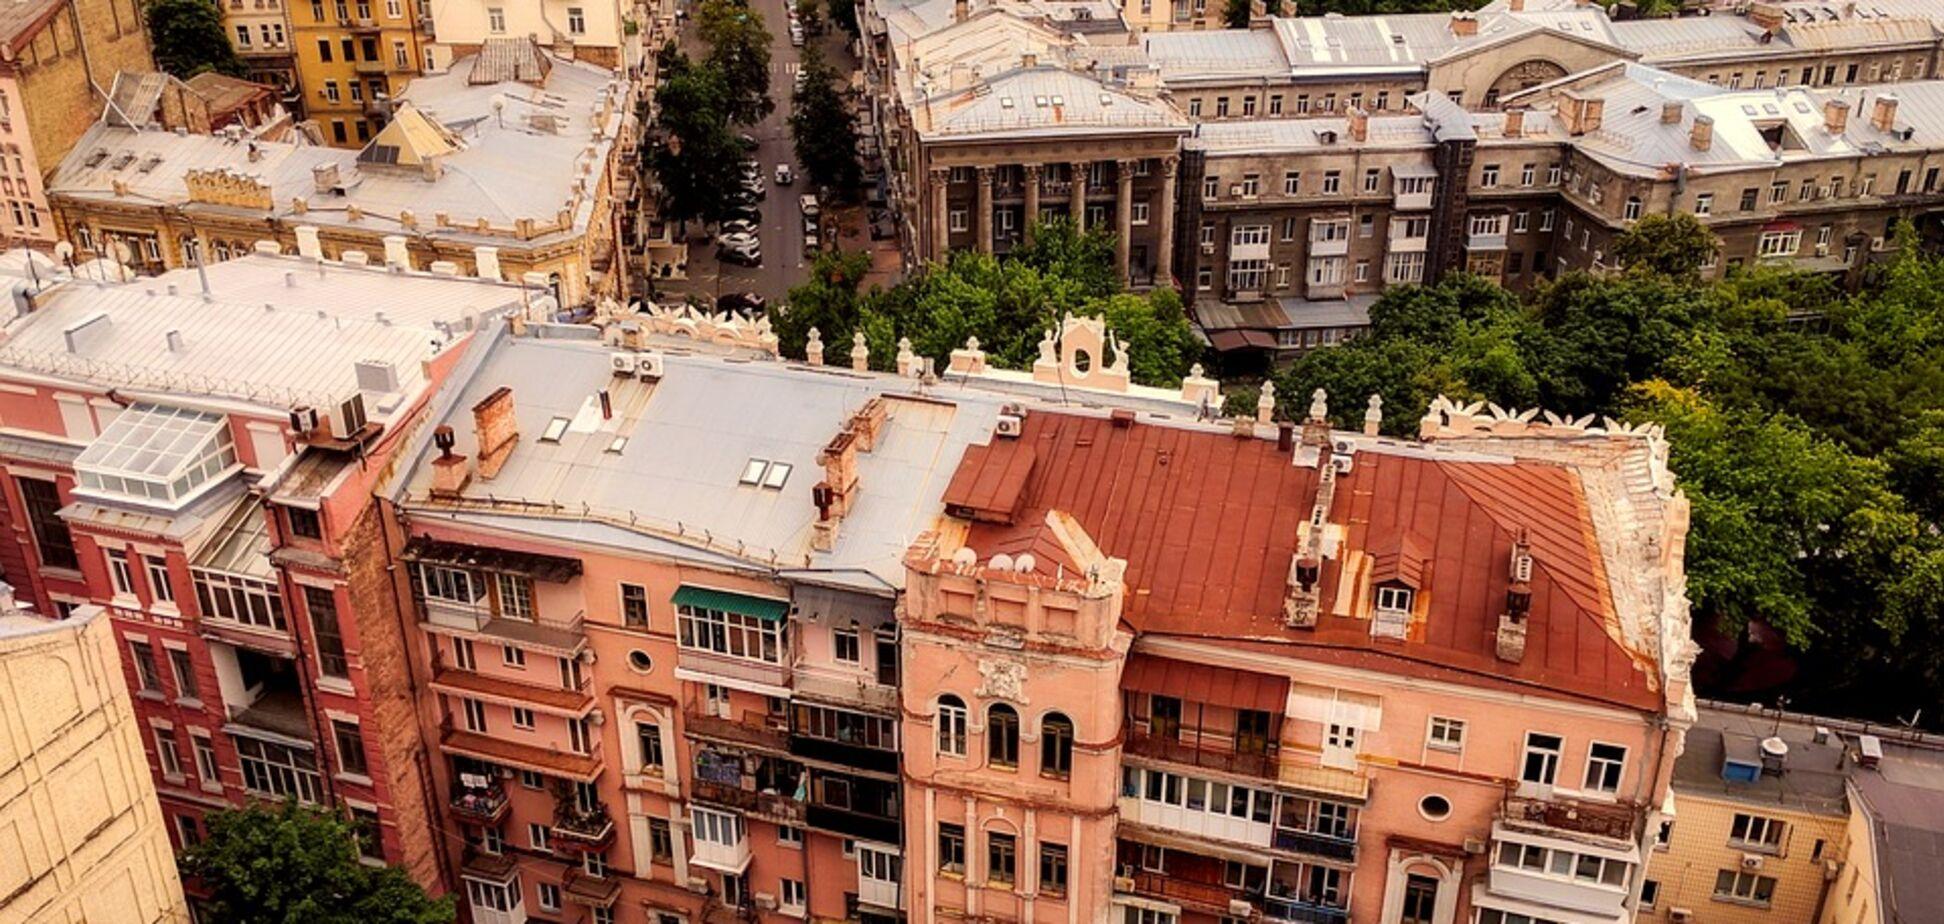 'Фантастическая смесь!' Архитектор из Дании поделился впечатлениями о Киеве